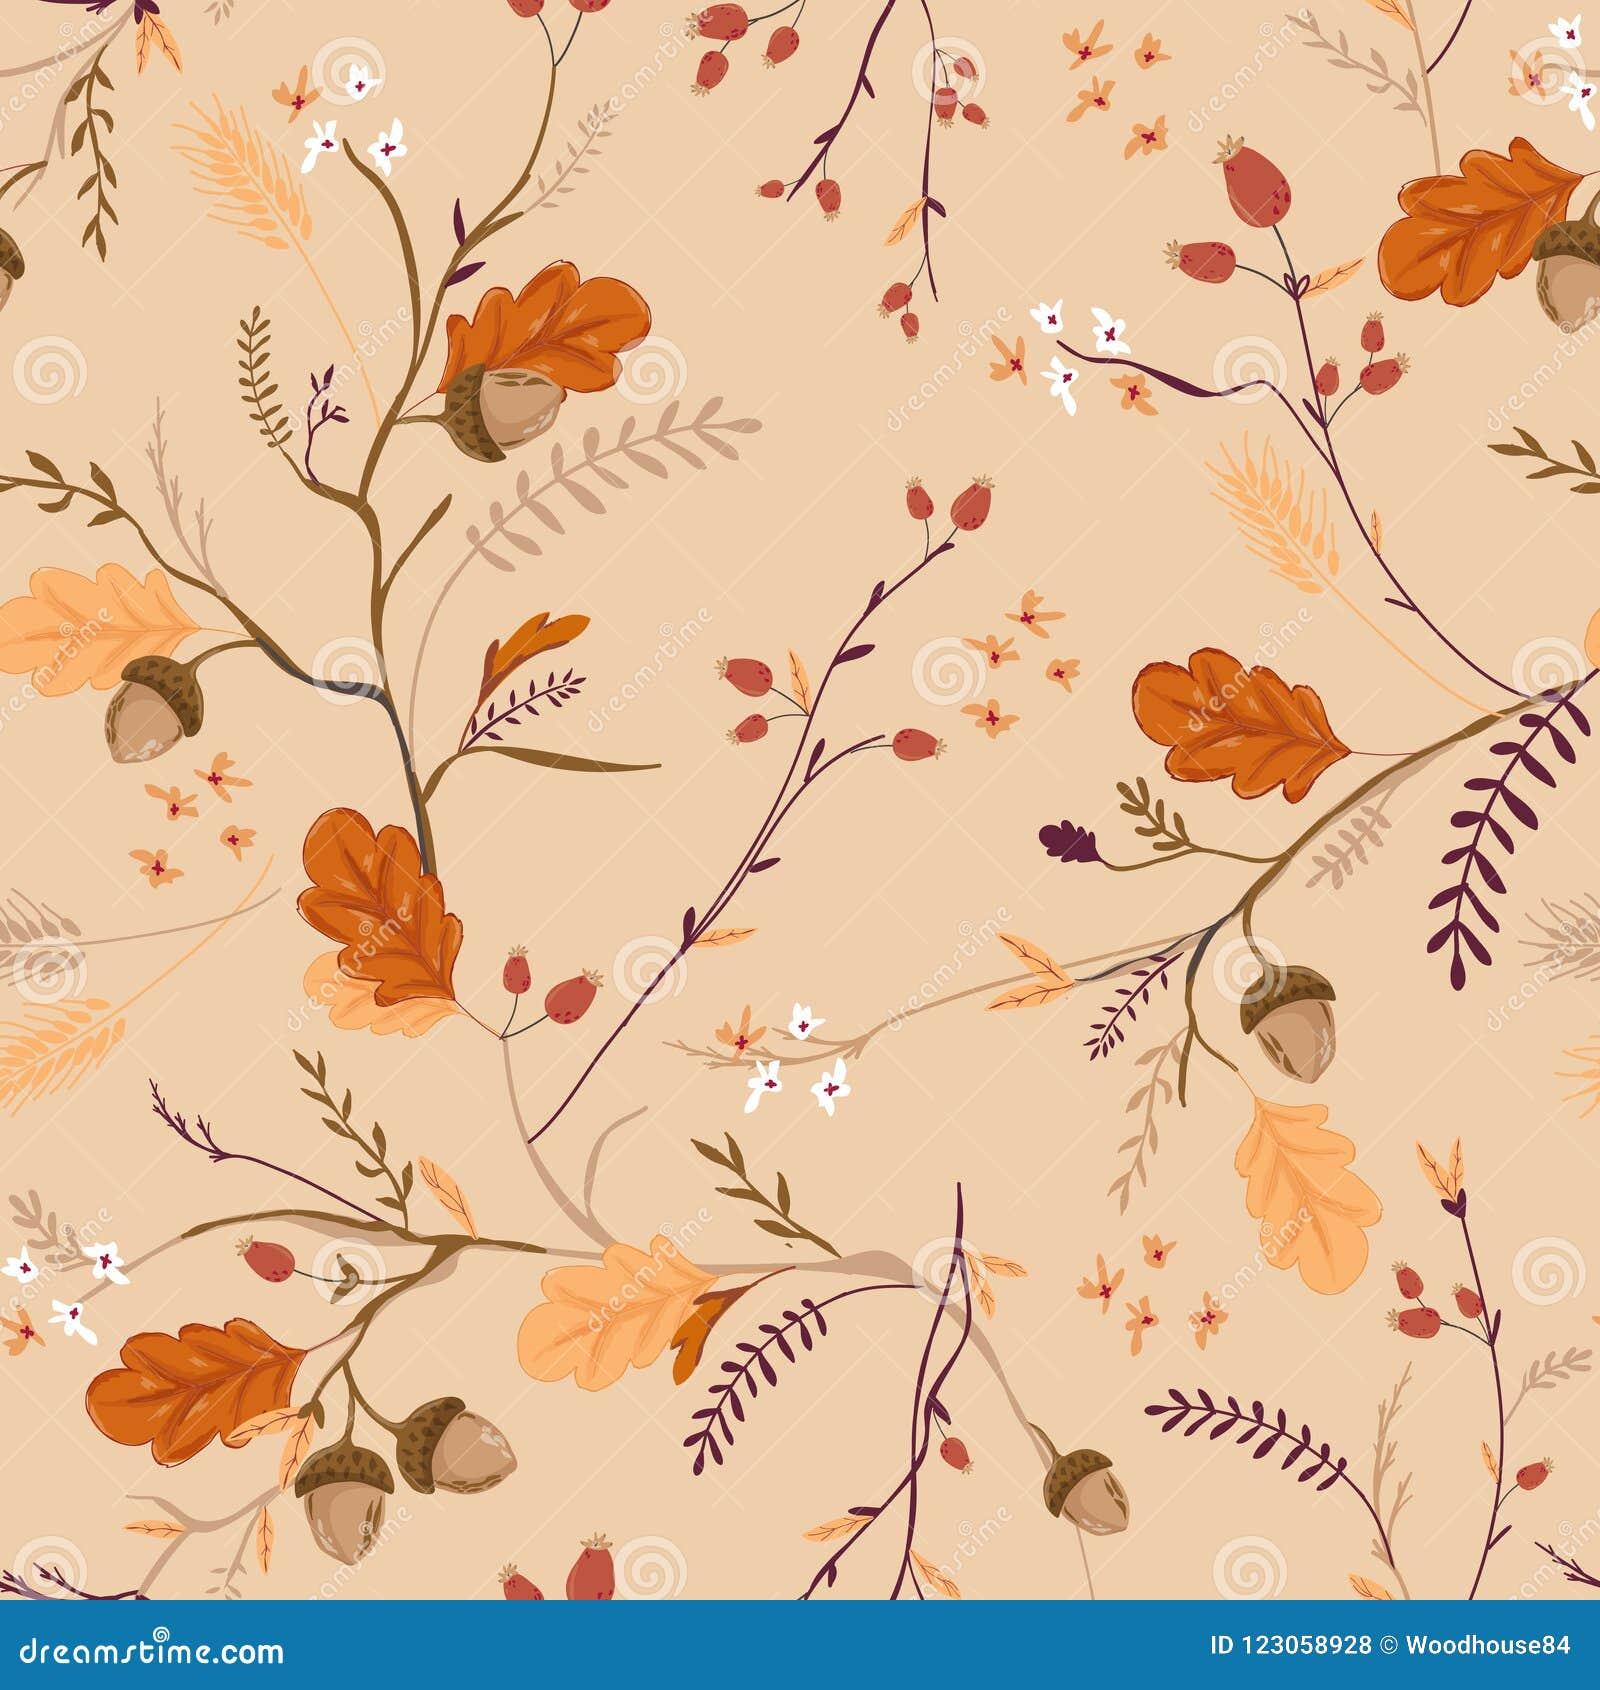 Autumn Floral Seamless Pattern mit Eicheln, Blättern und Blumen Fall-Weinlese-Natur-Hintergrund für Gewebe, Tapete